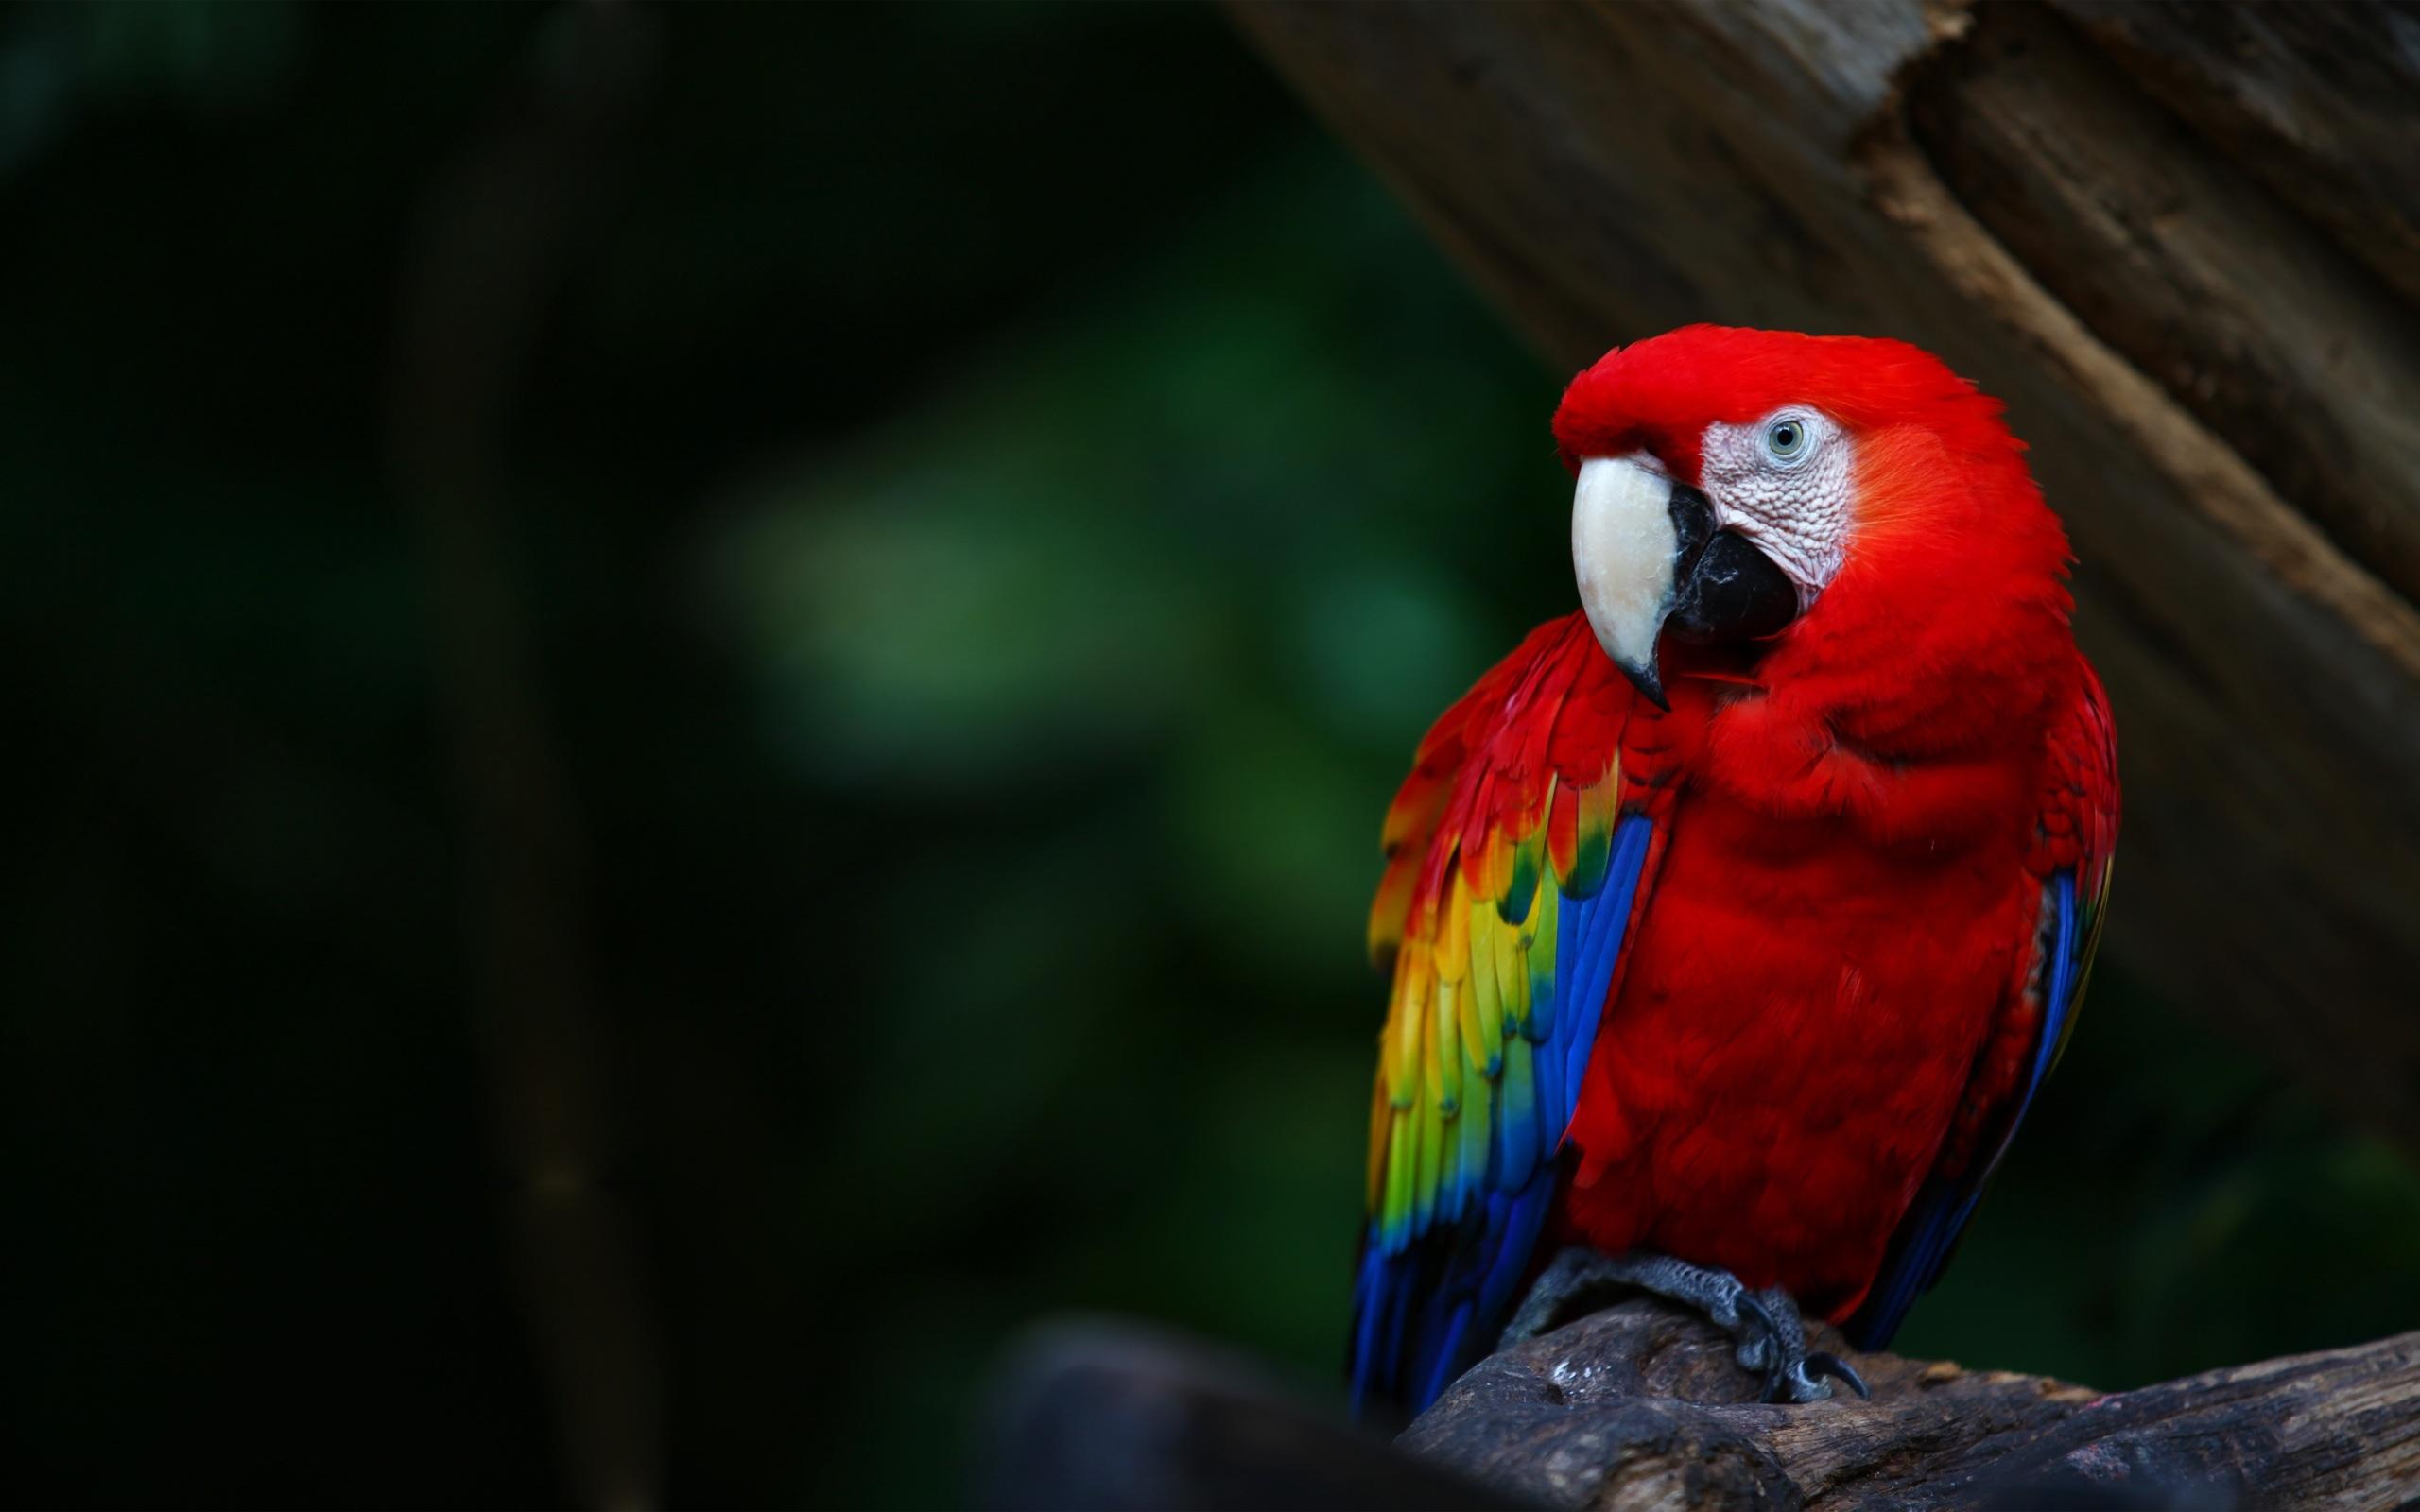 Macaw Bird Wallpaper